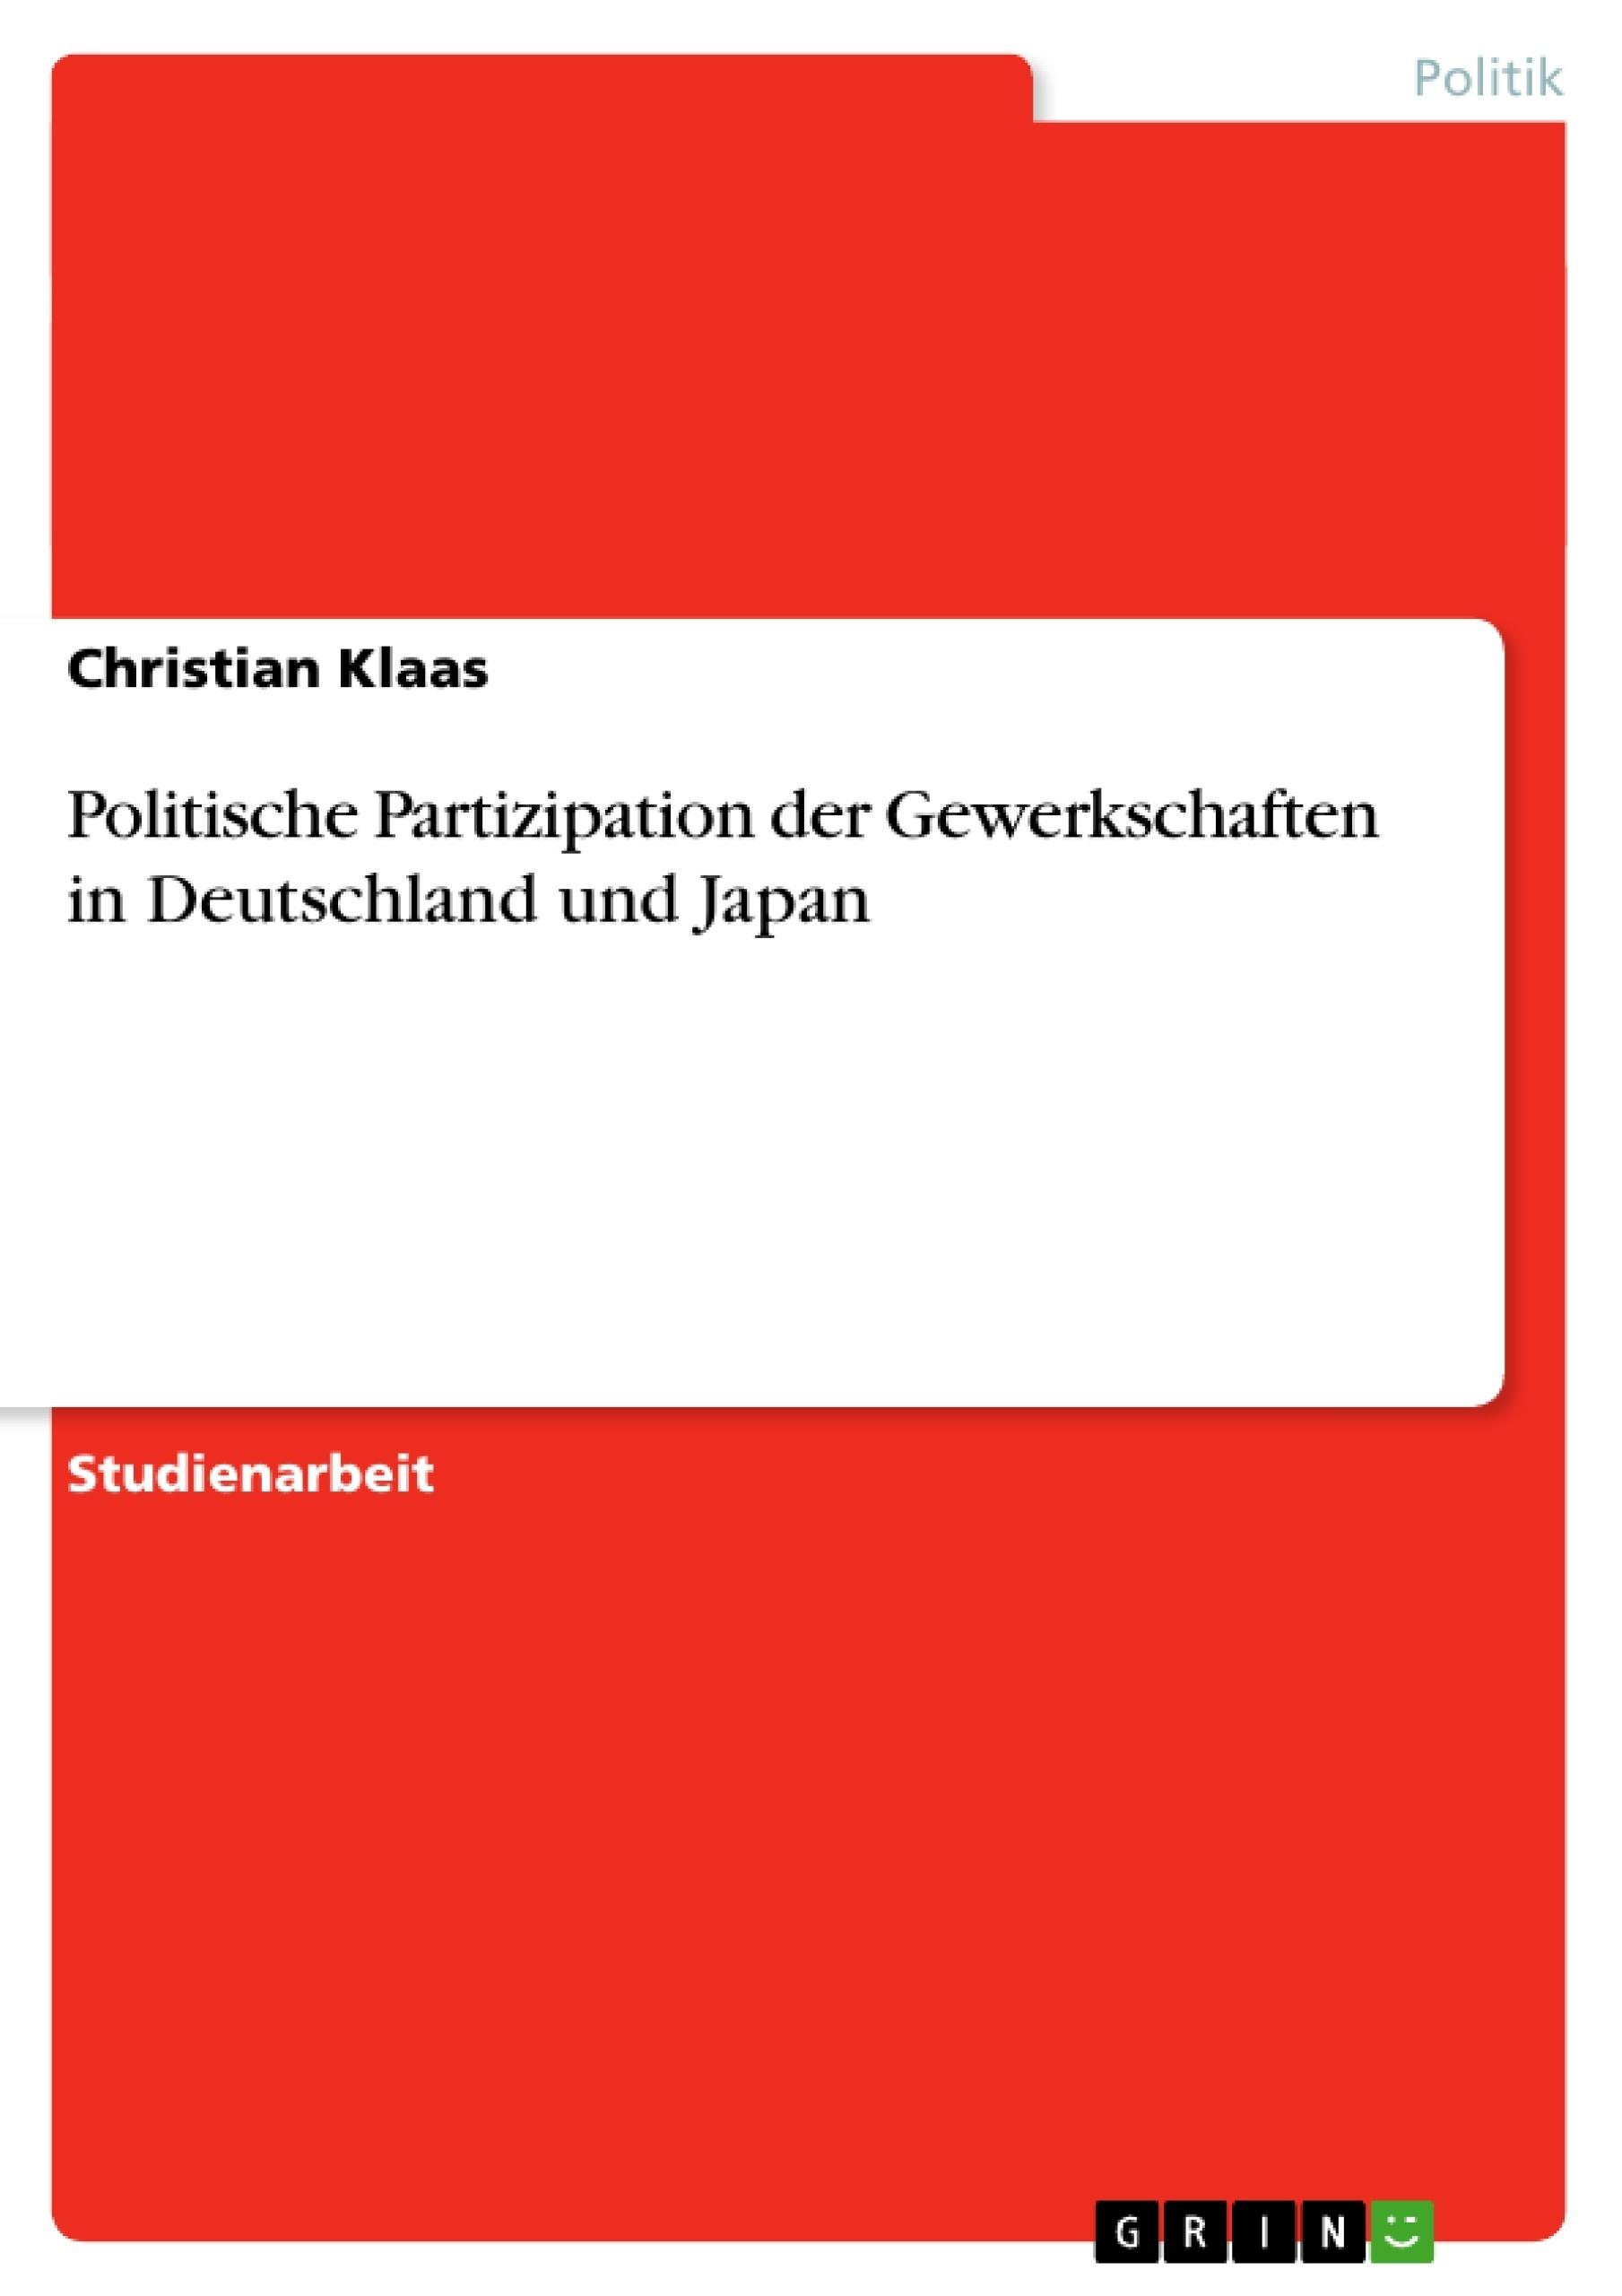 Titel: Politische Partizipation der Gewerkschaften in Deutschland und Japan